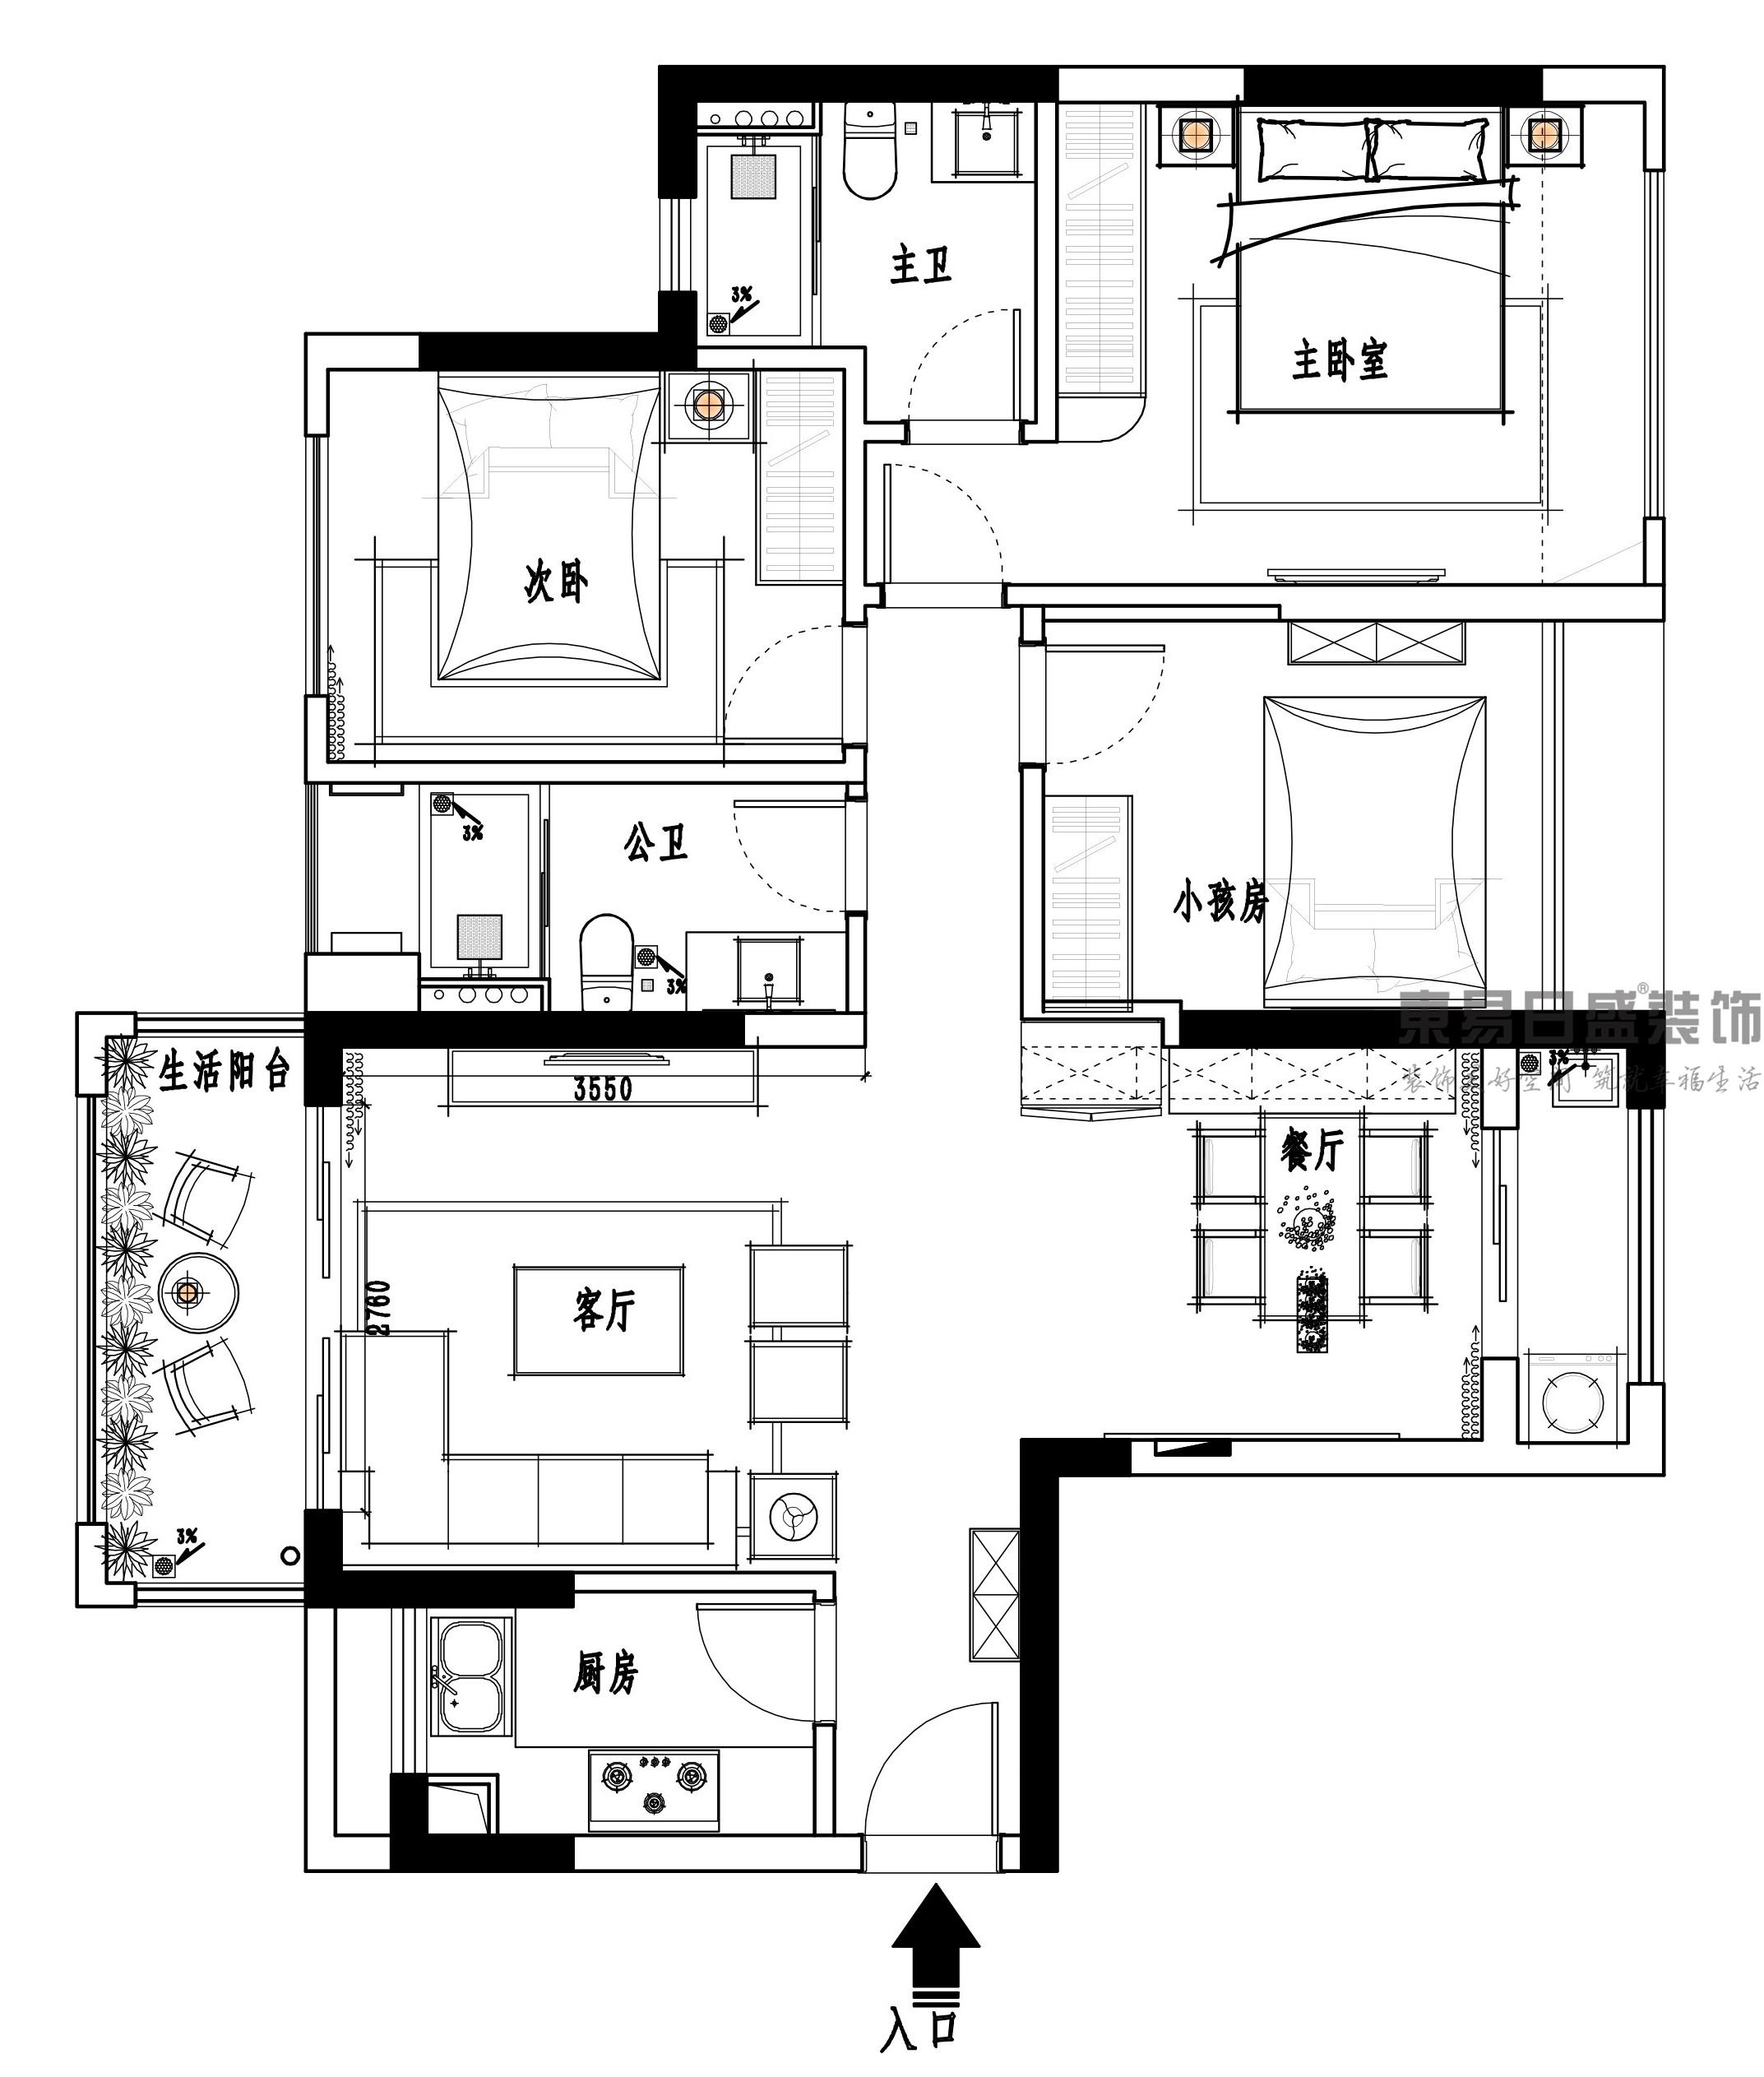 东莞道滘金地城南艺境-100㎡现代简约三居室装修效果图装修设计理念